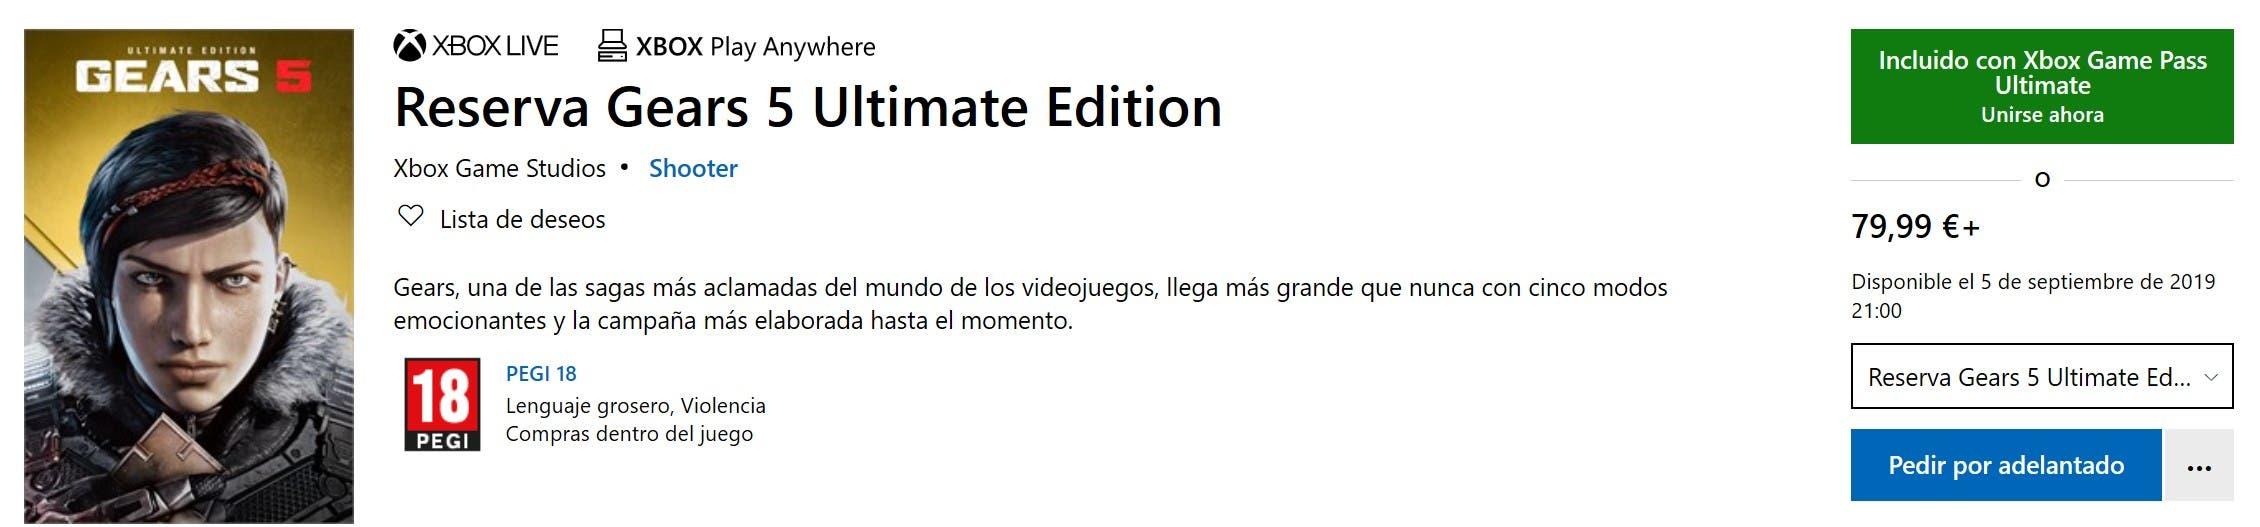 ¿Cuándo se podrá jugar a Gears 5 Ultimate Edition? 2